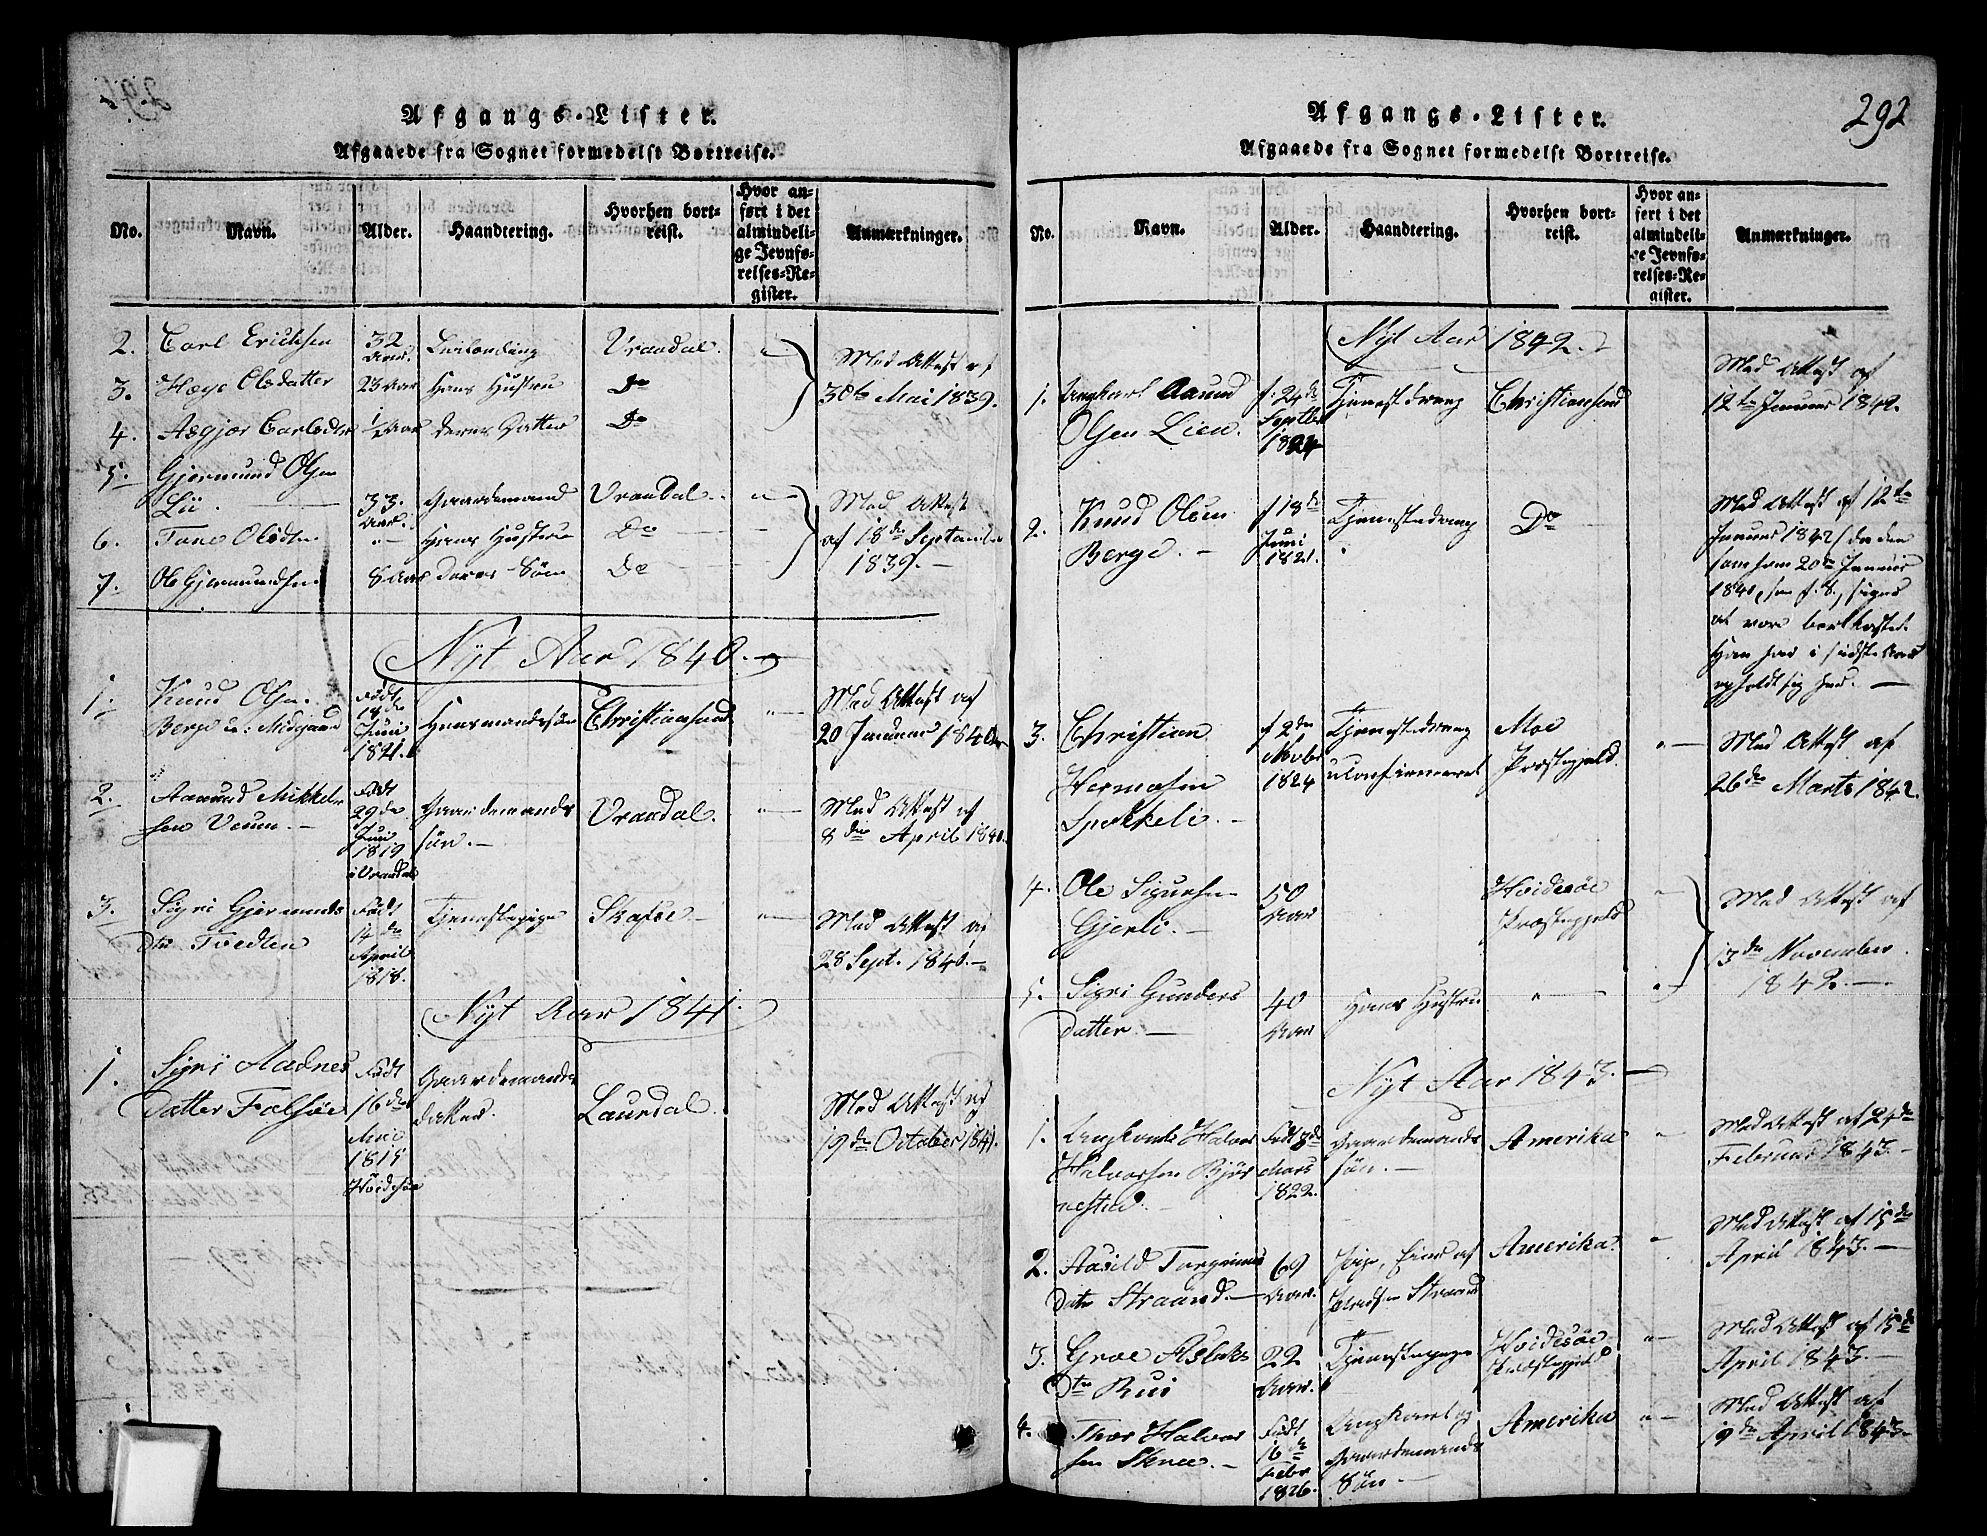 SAKO, Fyresdal kirkebøker, G/Ga/L0003: Klokkerbok nr. I 3, 1815-1863, s. 292